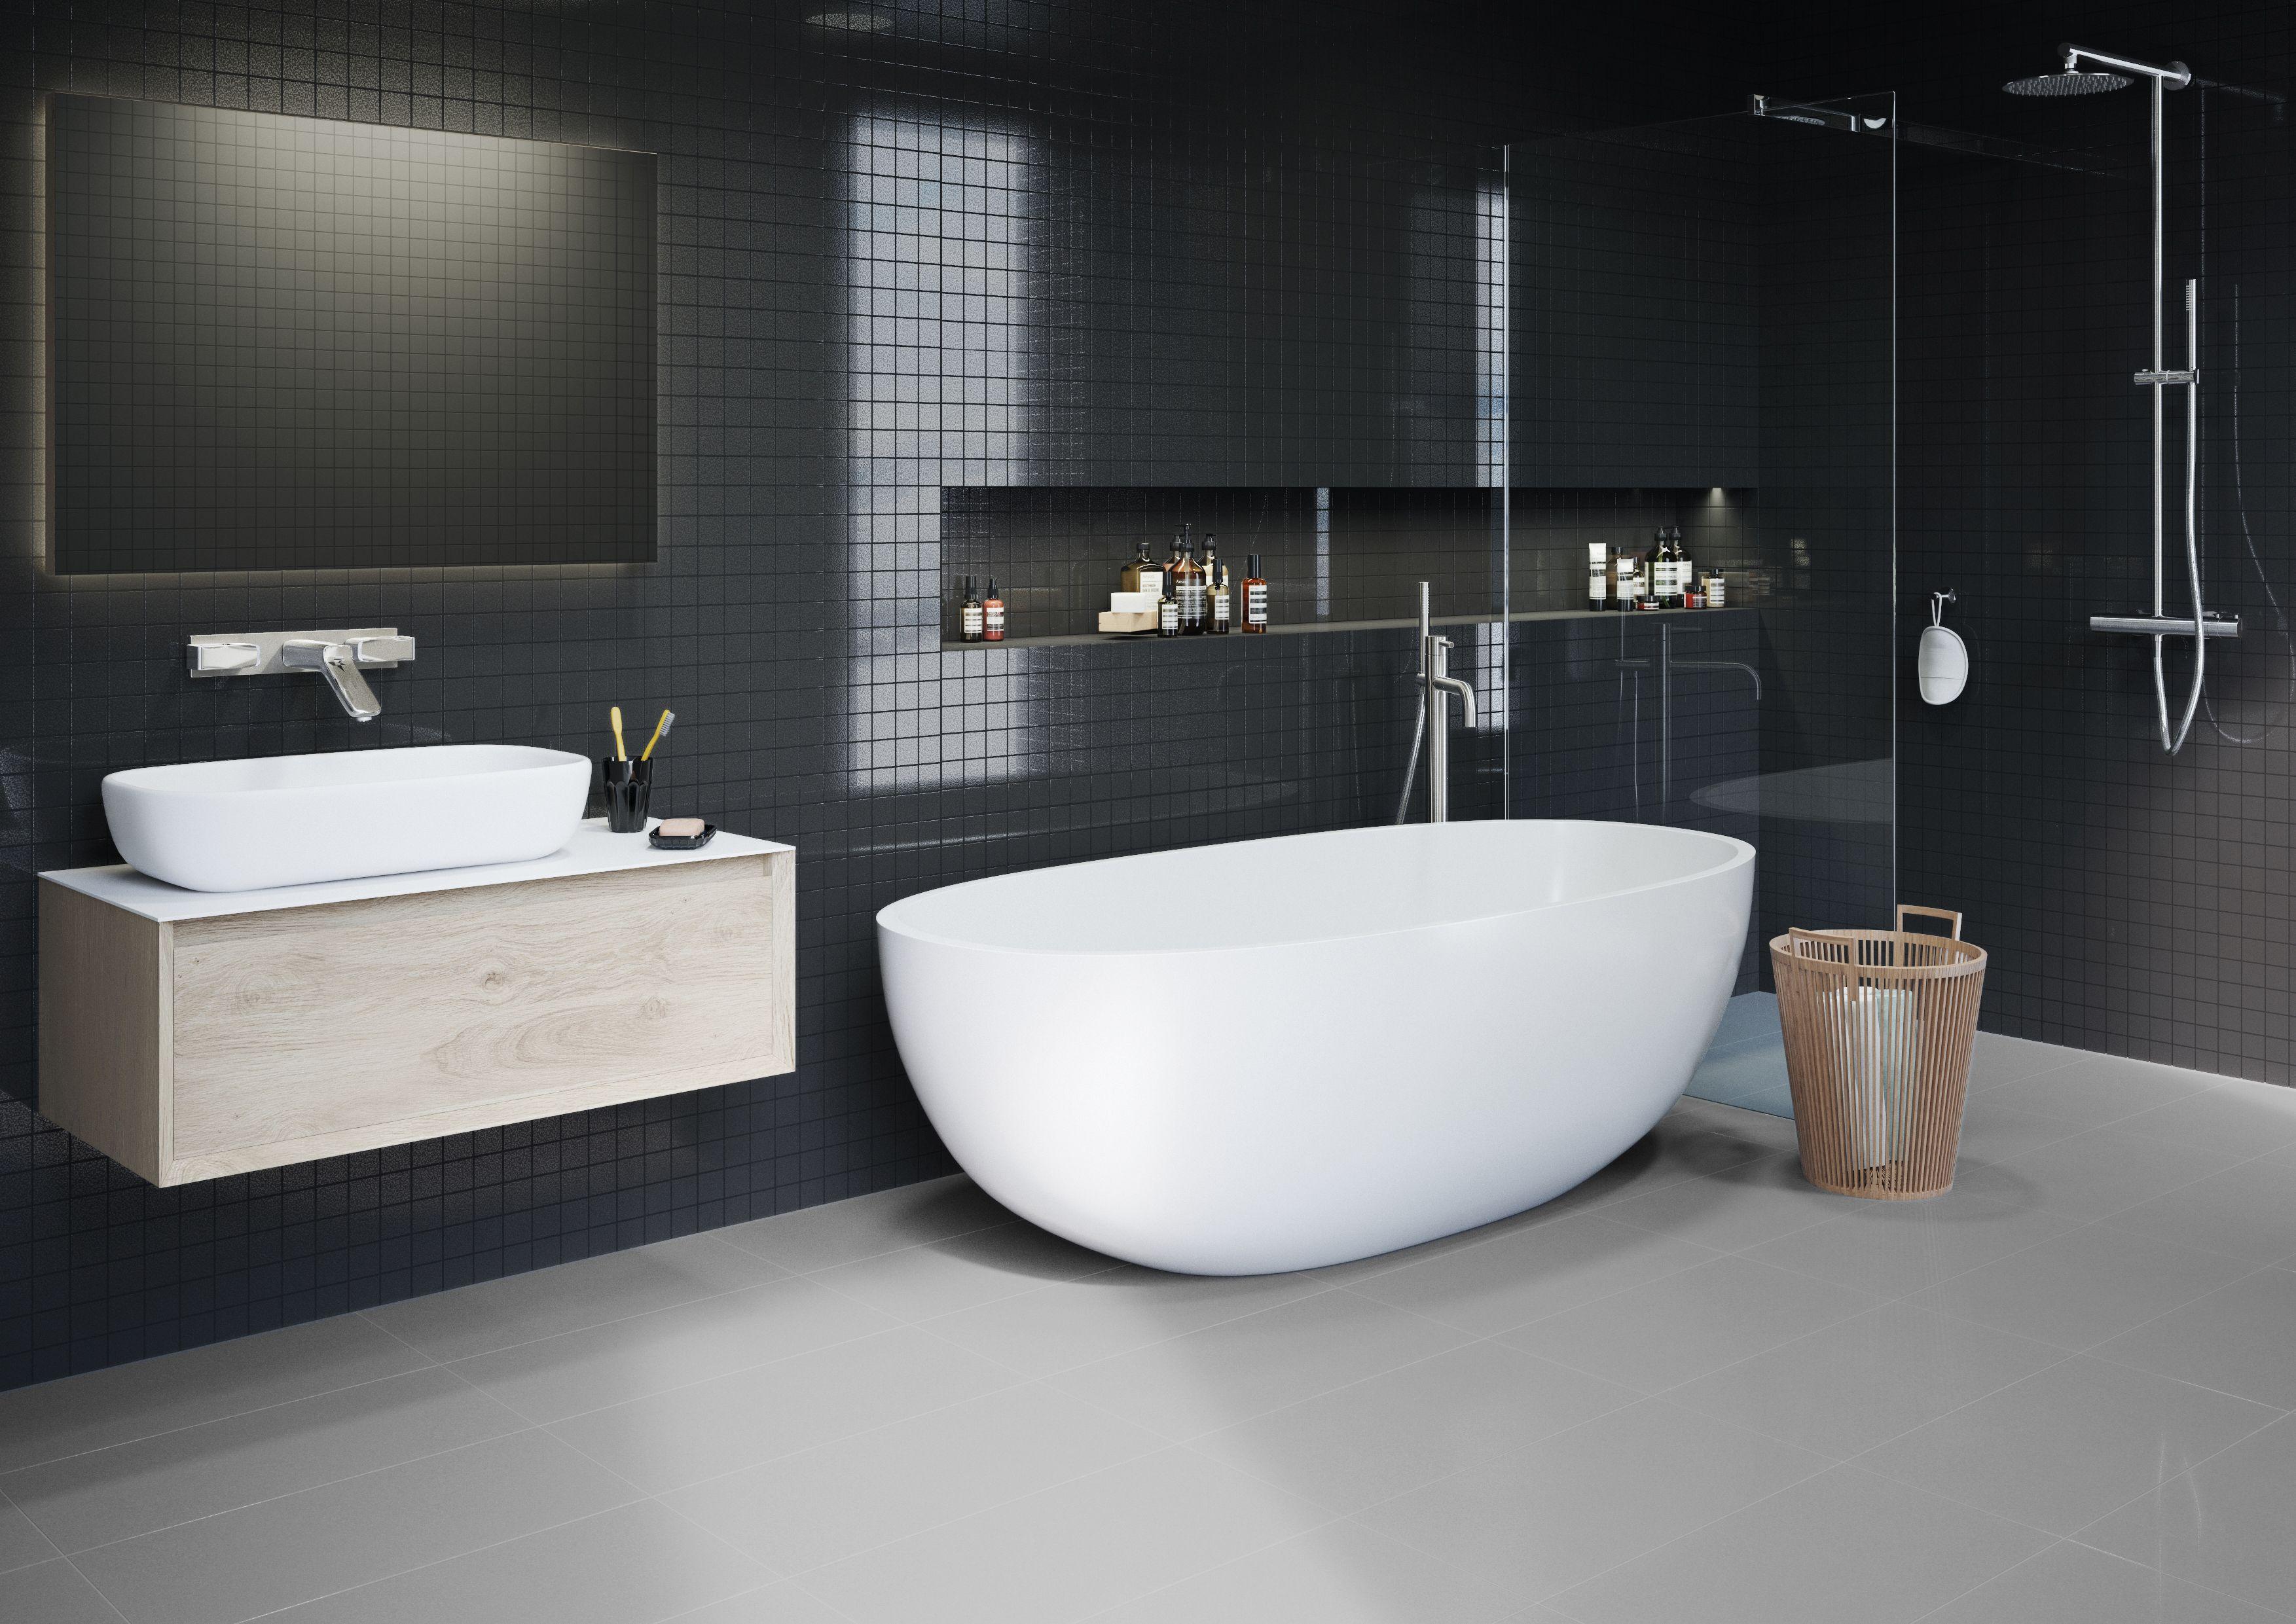 Fliesen Im Mosaik Stil Verzaubern Jedes Badezimmer Eine Vielfalt